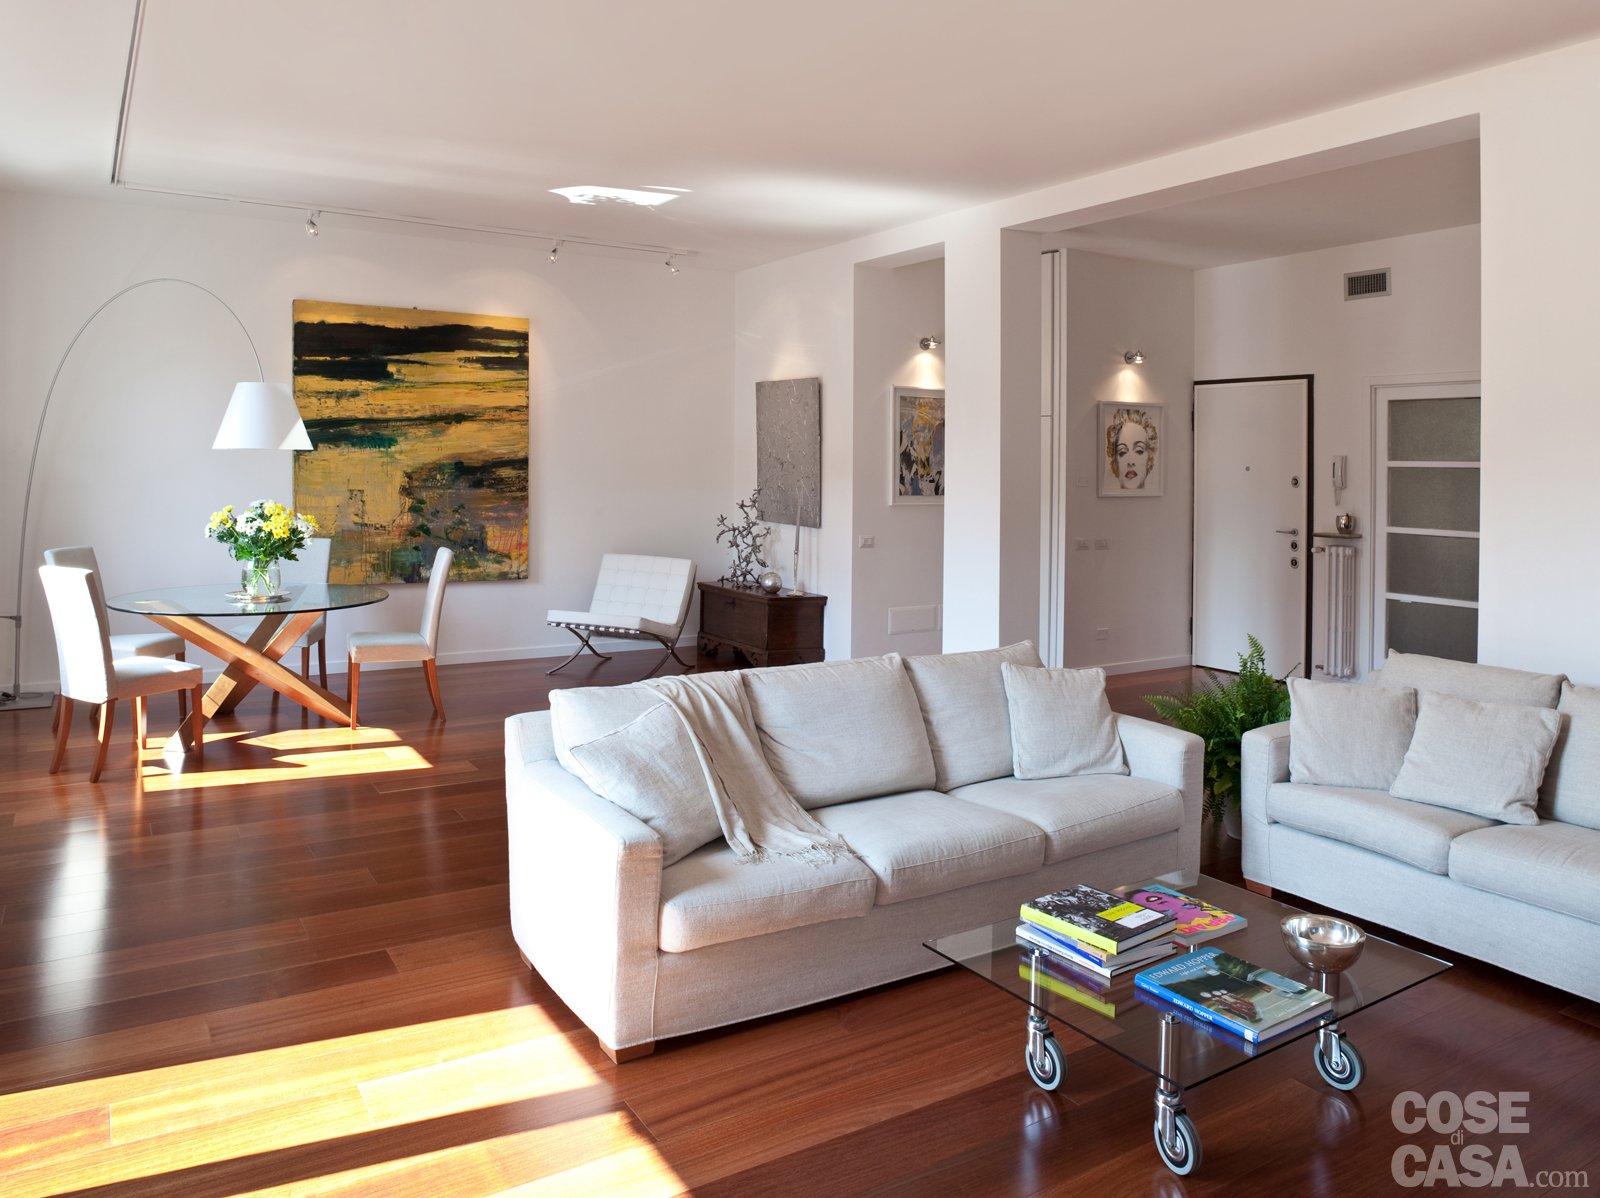 Casa immobiliare accessori come arredare soggiorno con for Cucina open space con pilastri